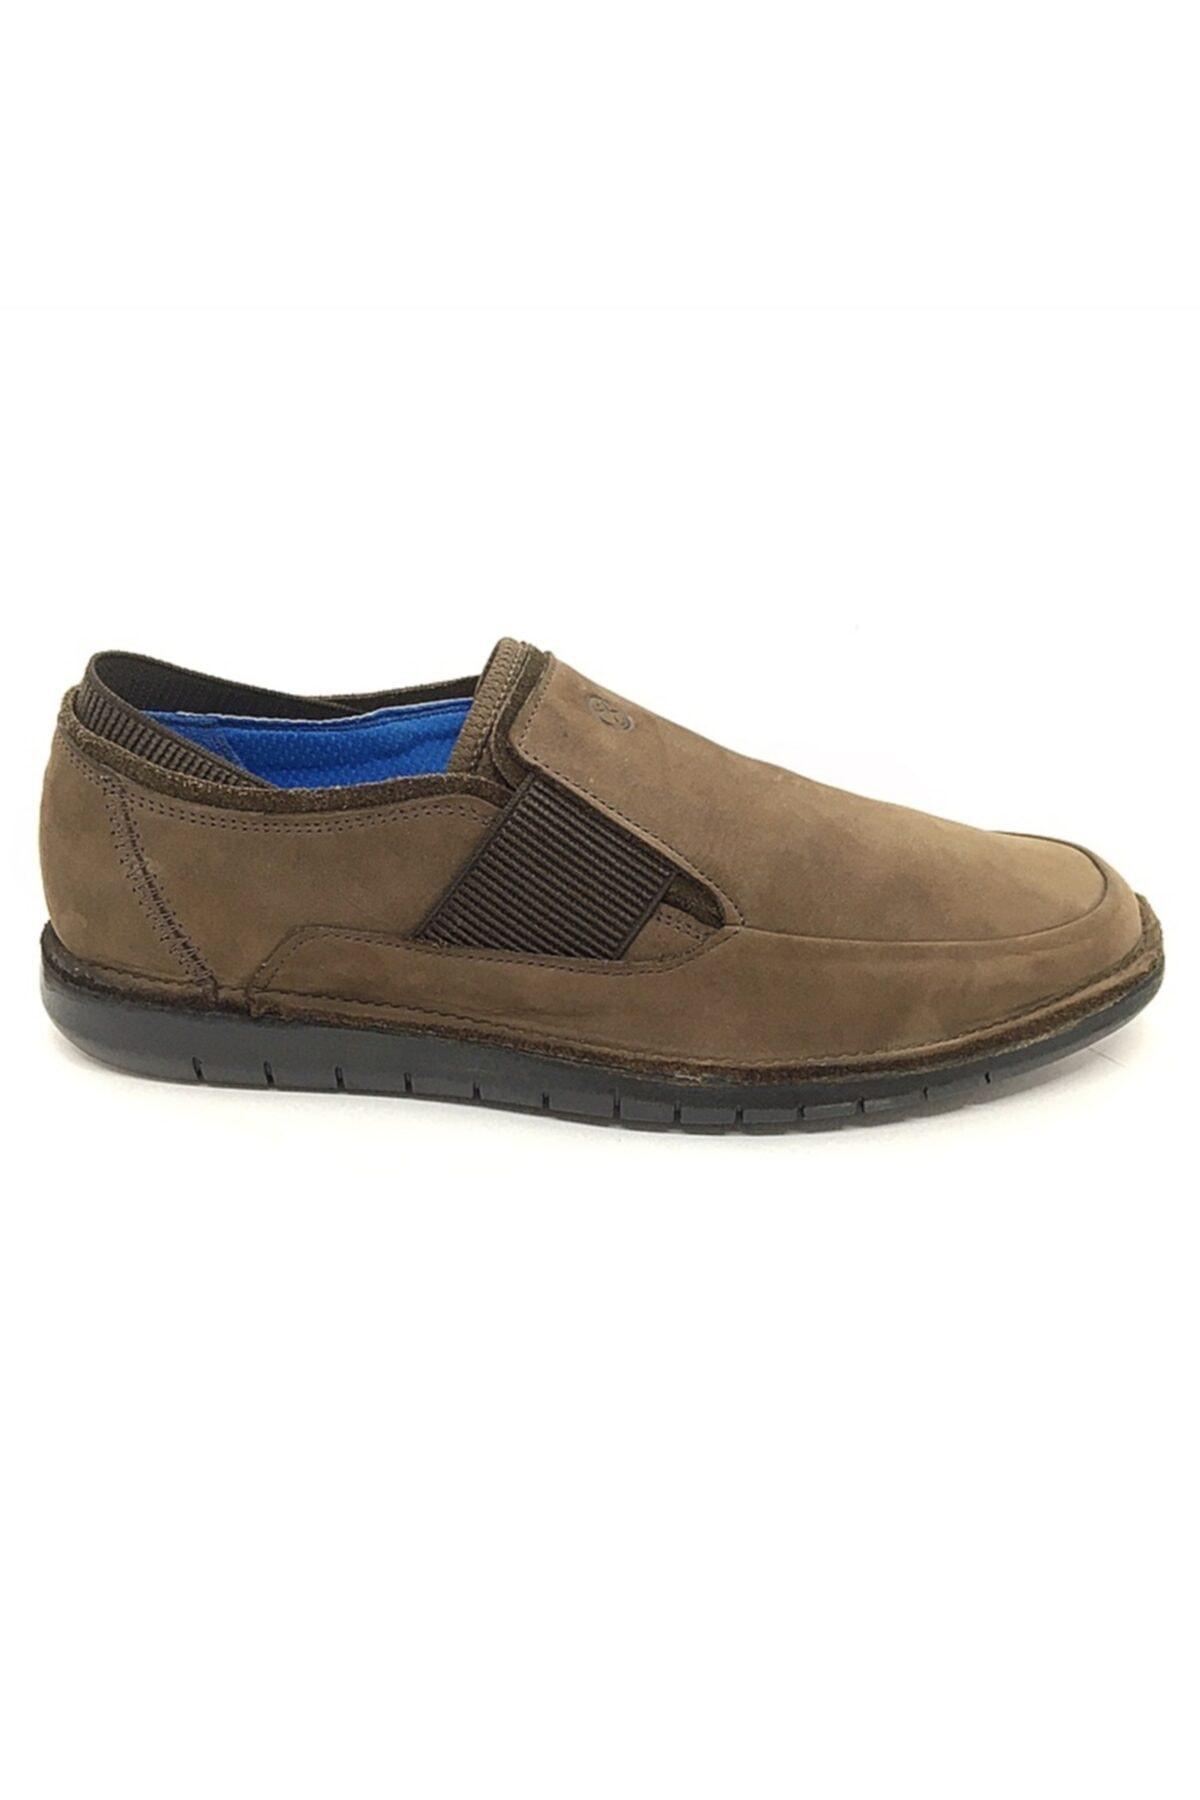 Hush Puppies Erkek Kahverengi Ayakkabı 1